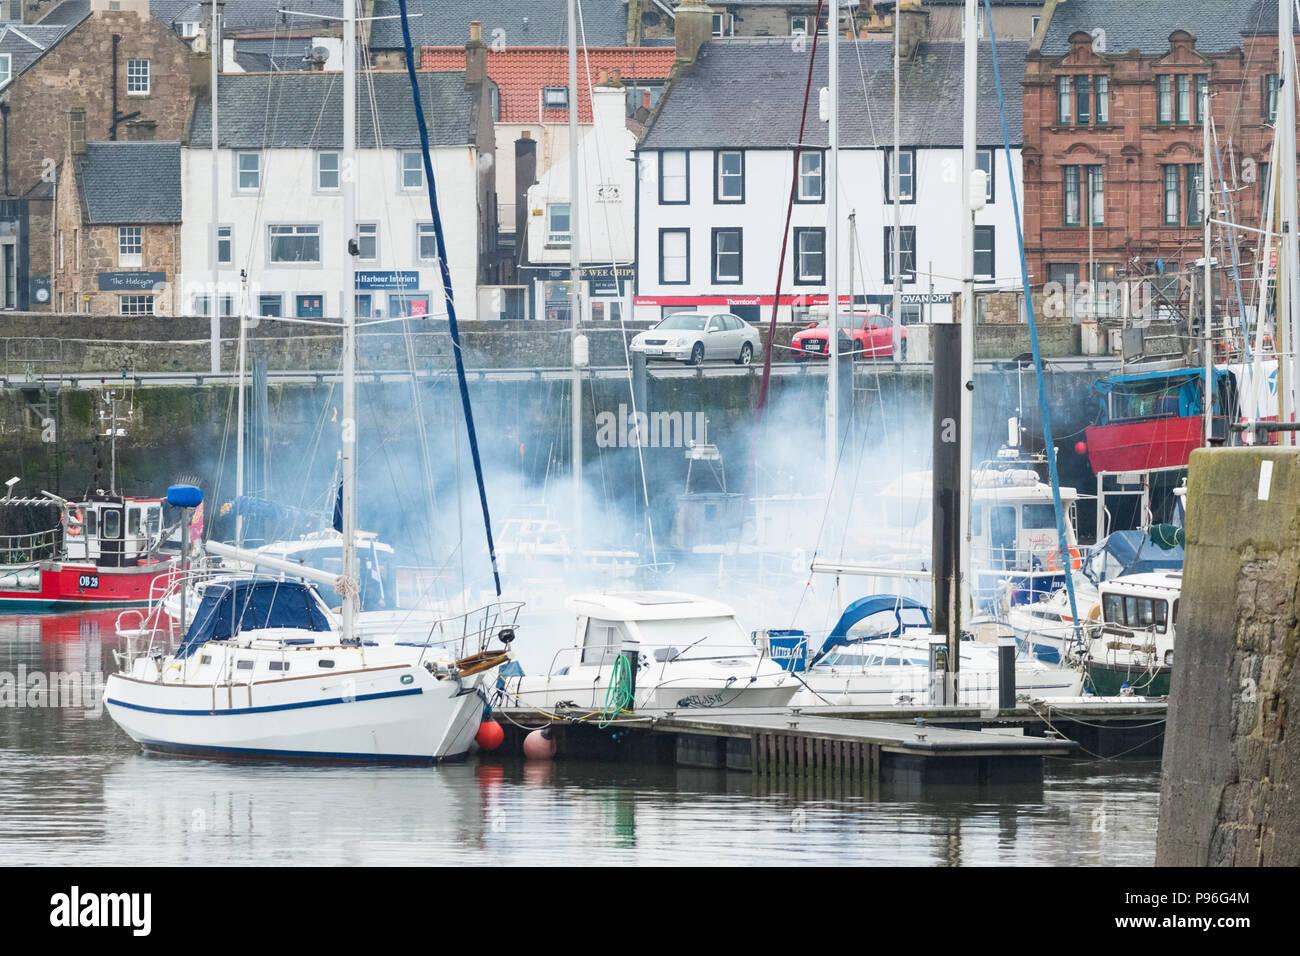 Emissione di fumo bianco proveniente da appena iniziato la barca motore diesel Immagini Stock